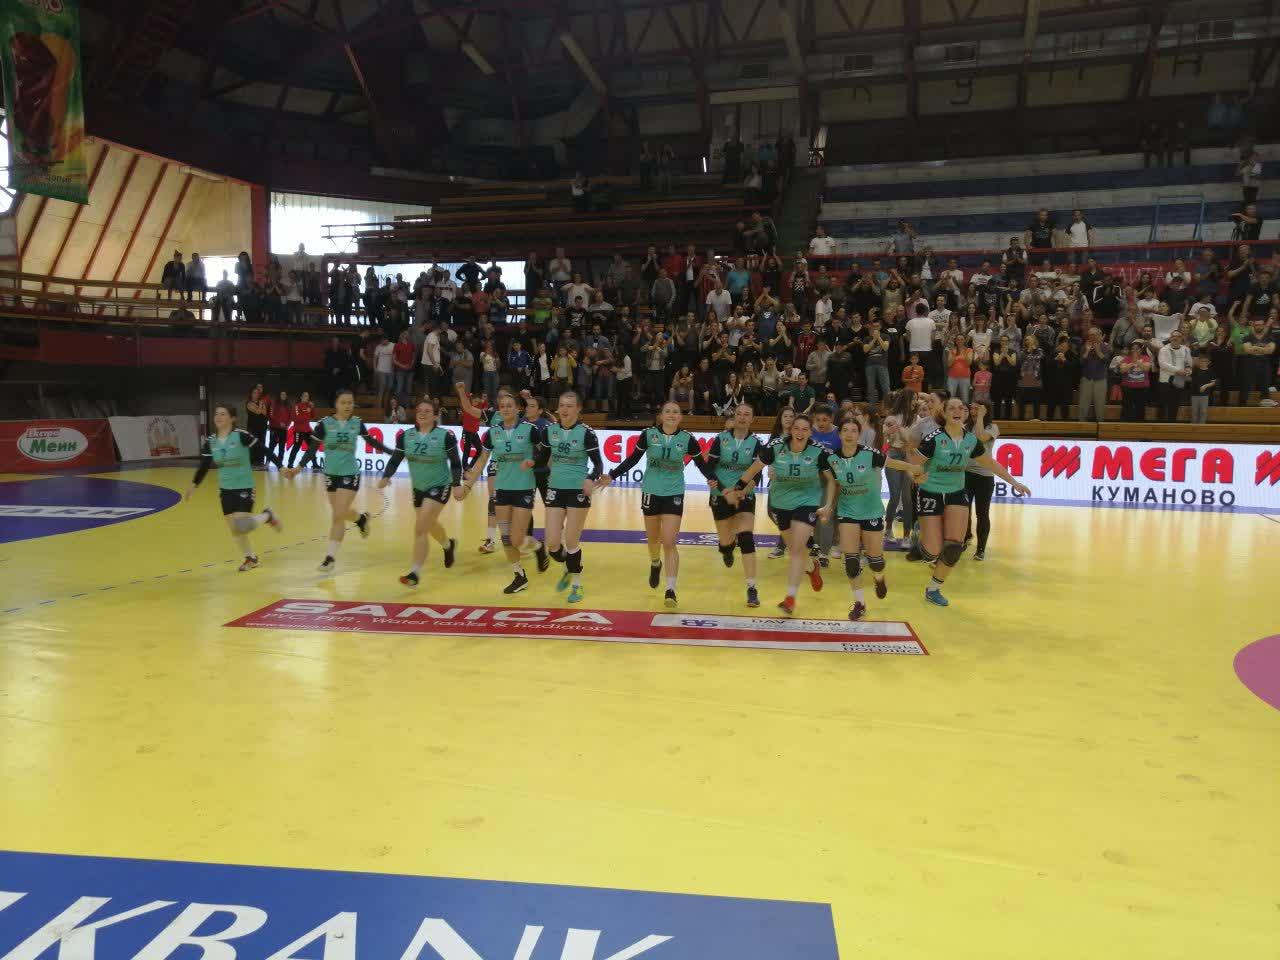 ЖРК Куманово со седма победа во Првата женска лига, први на табелата